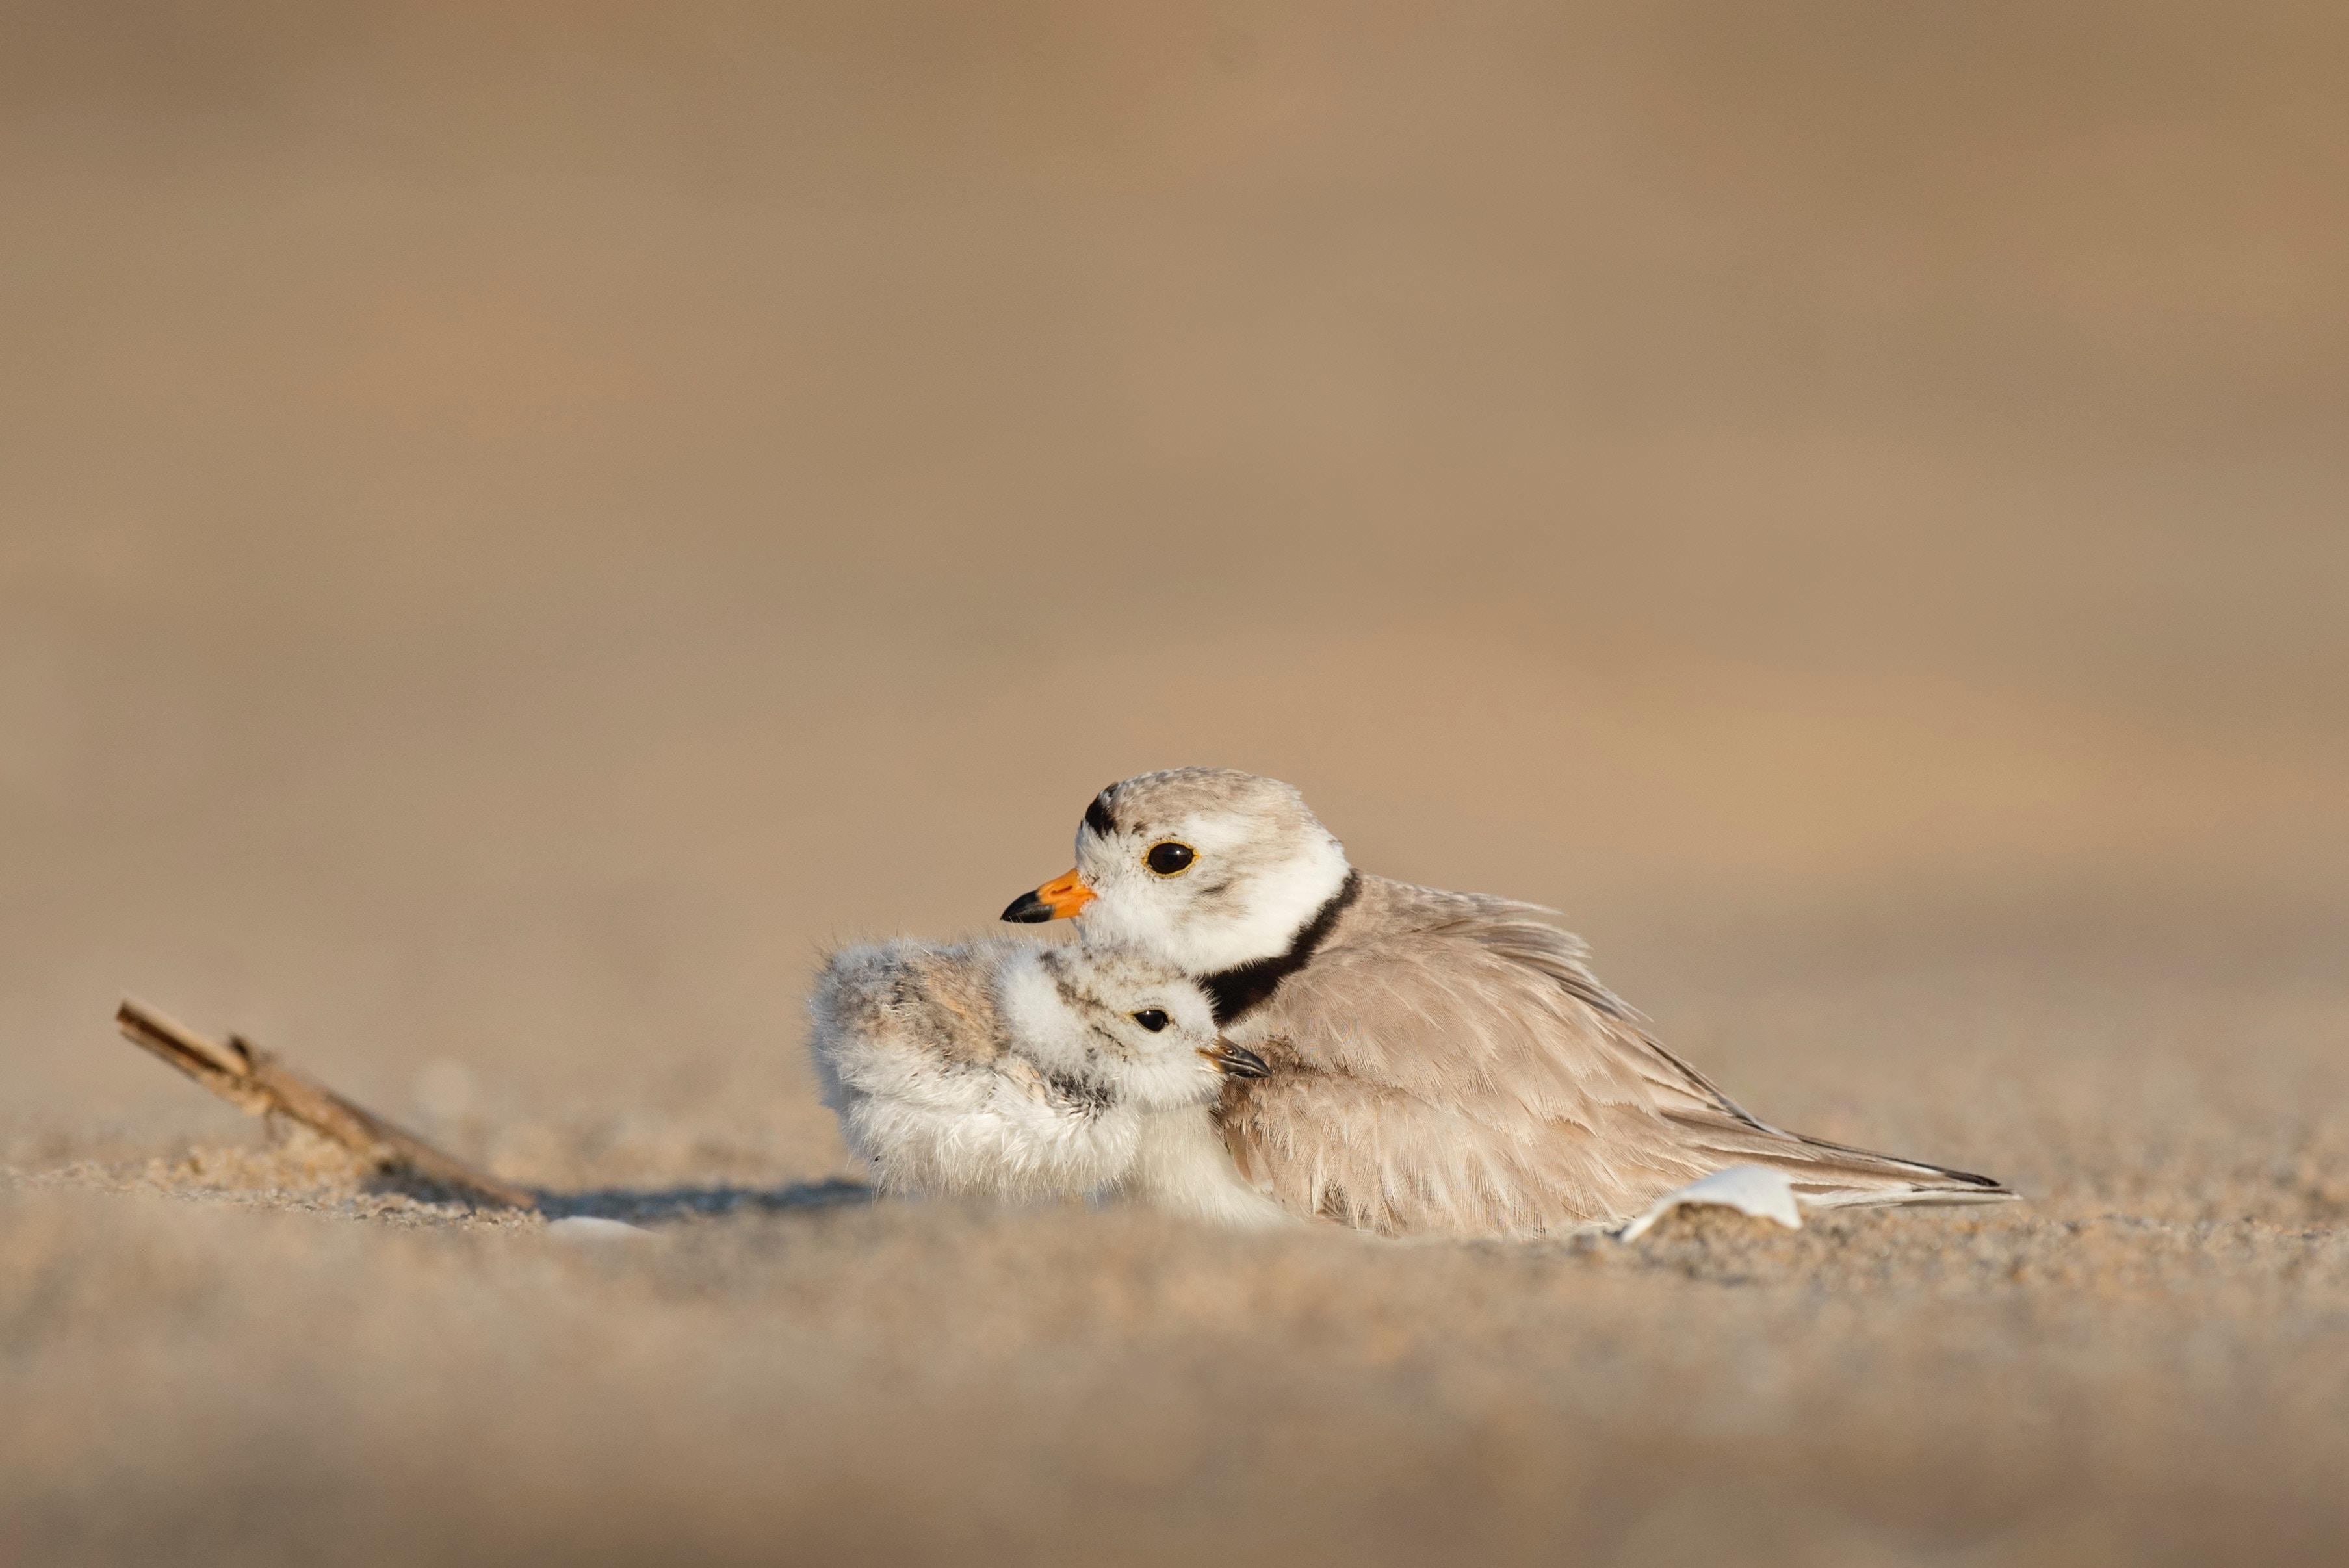 Mutter- & Babyvogel schmiegen sich aneinander